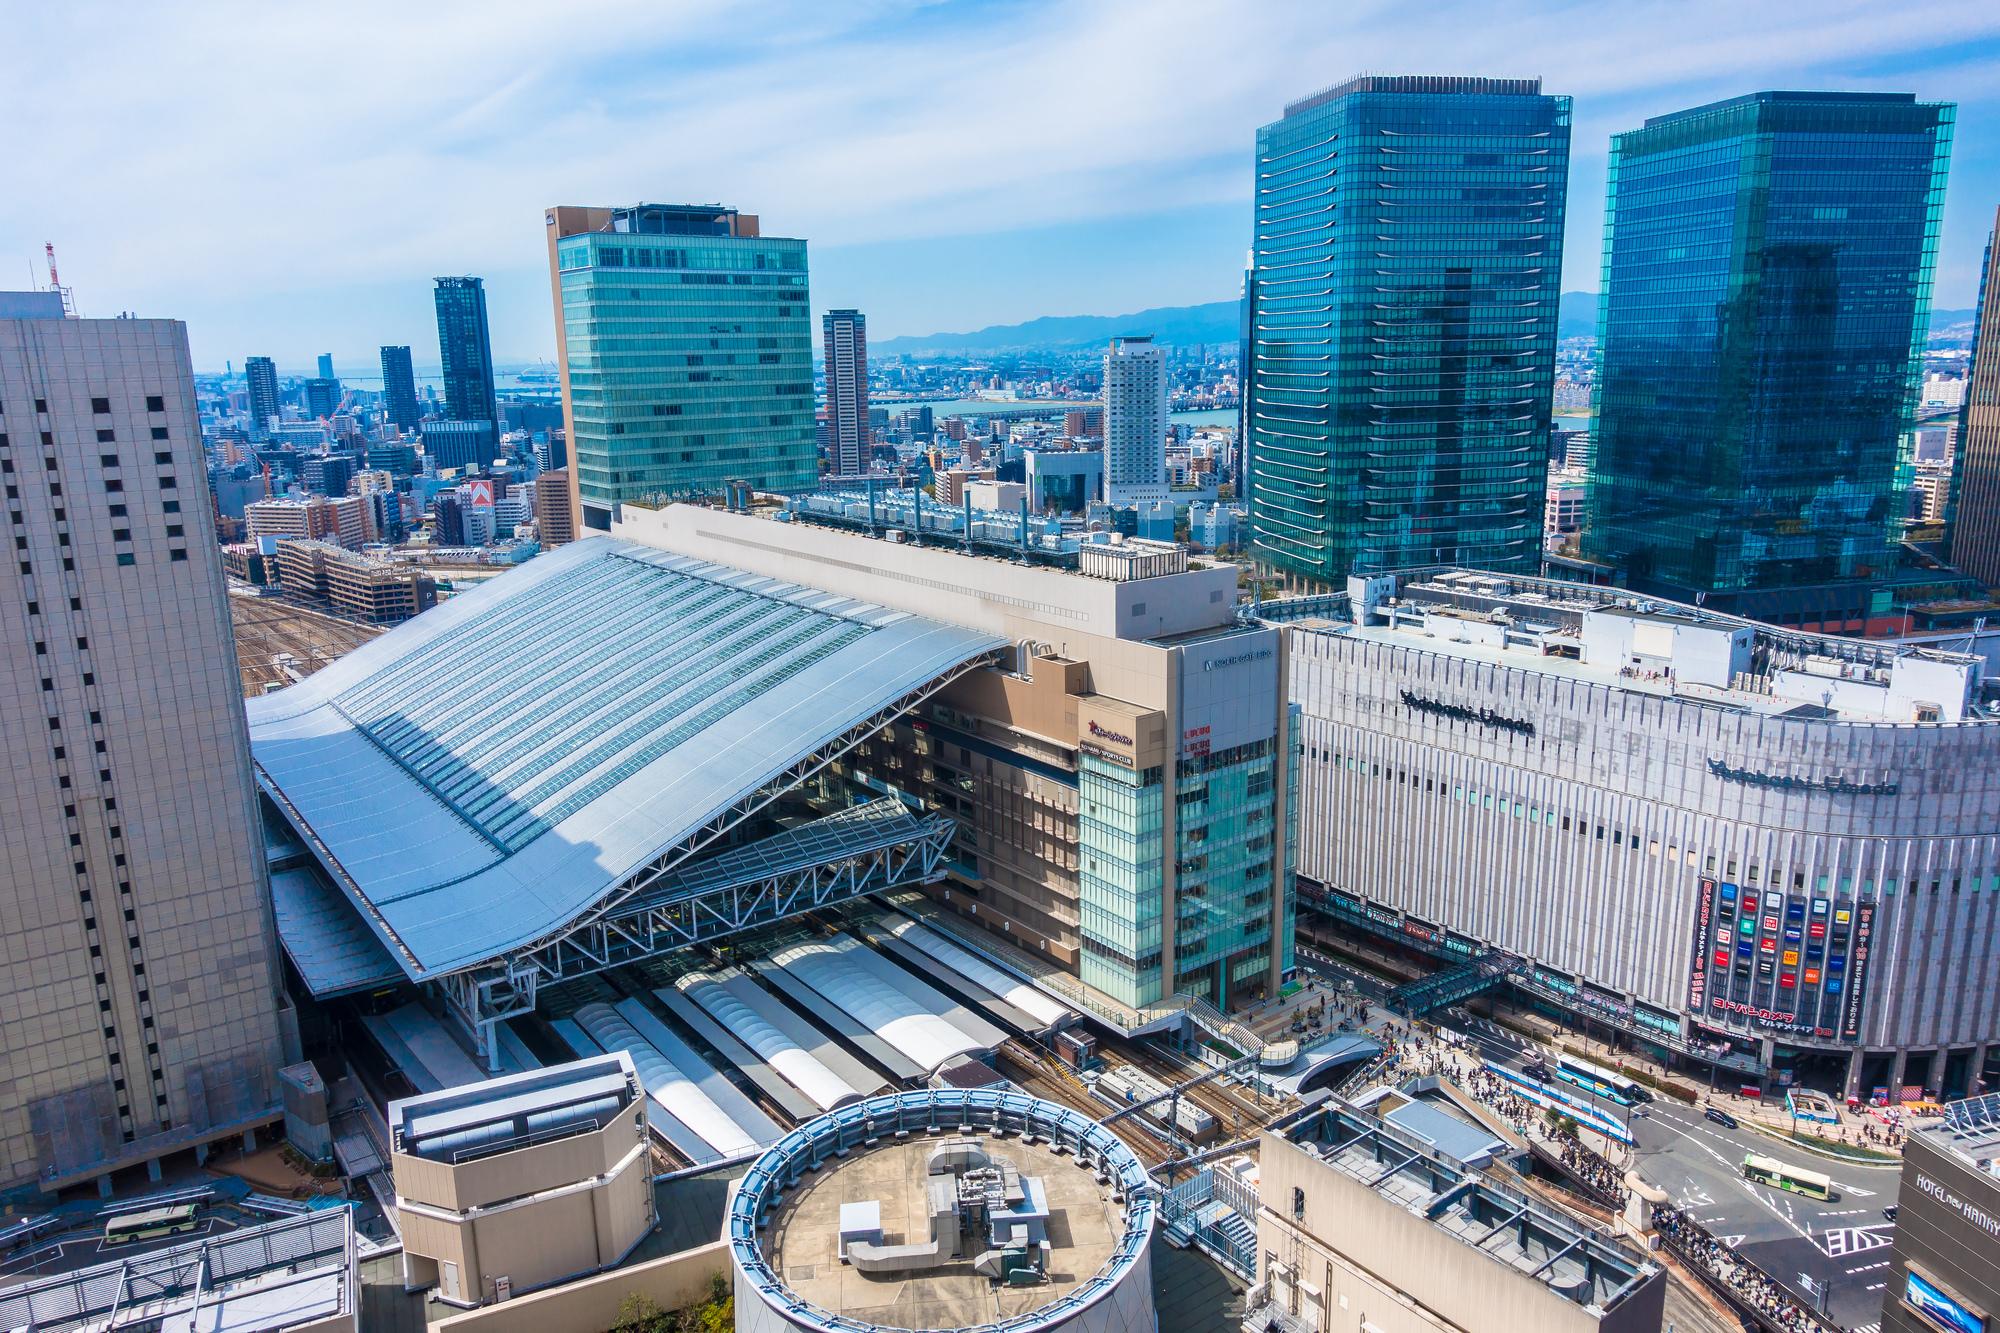 土曜に通院したい方へ!大阪駅の歯医者さん、おすすめポイント紹介